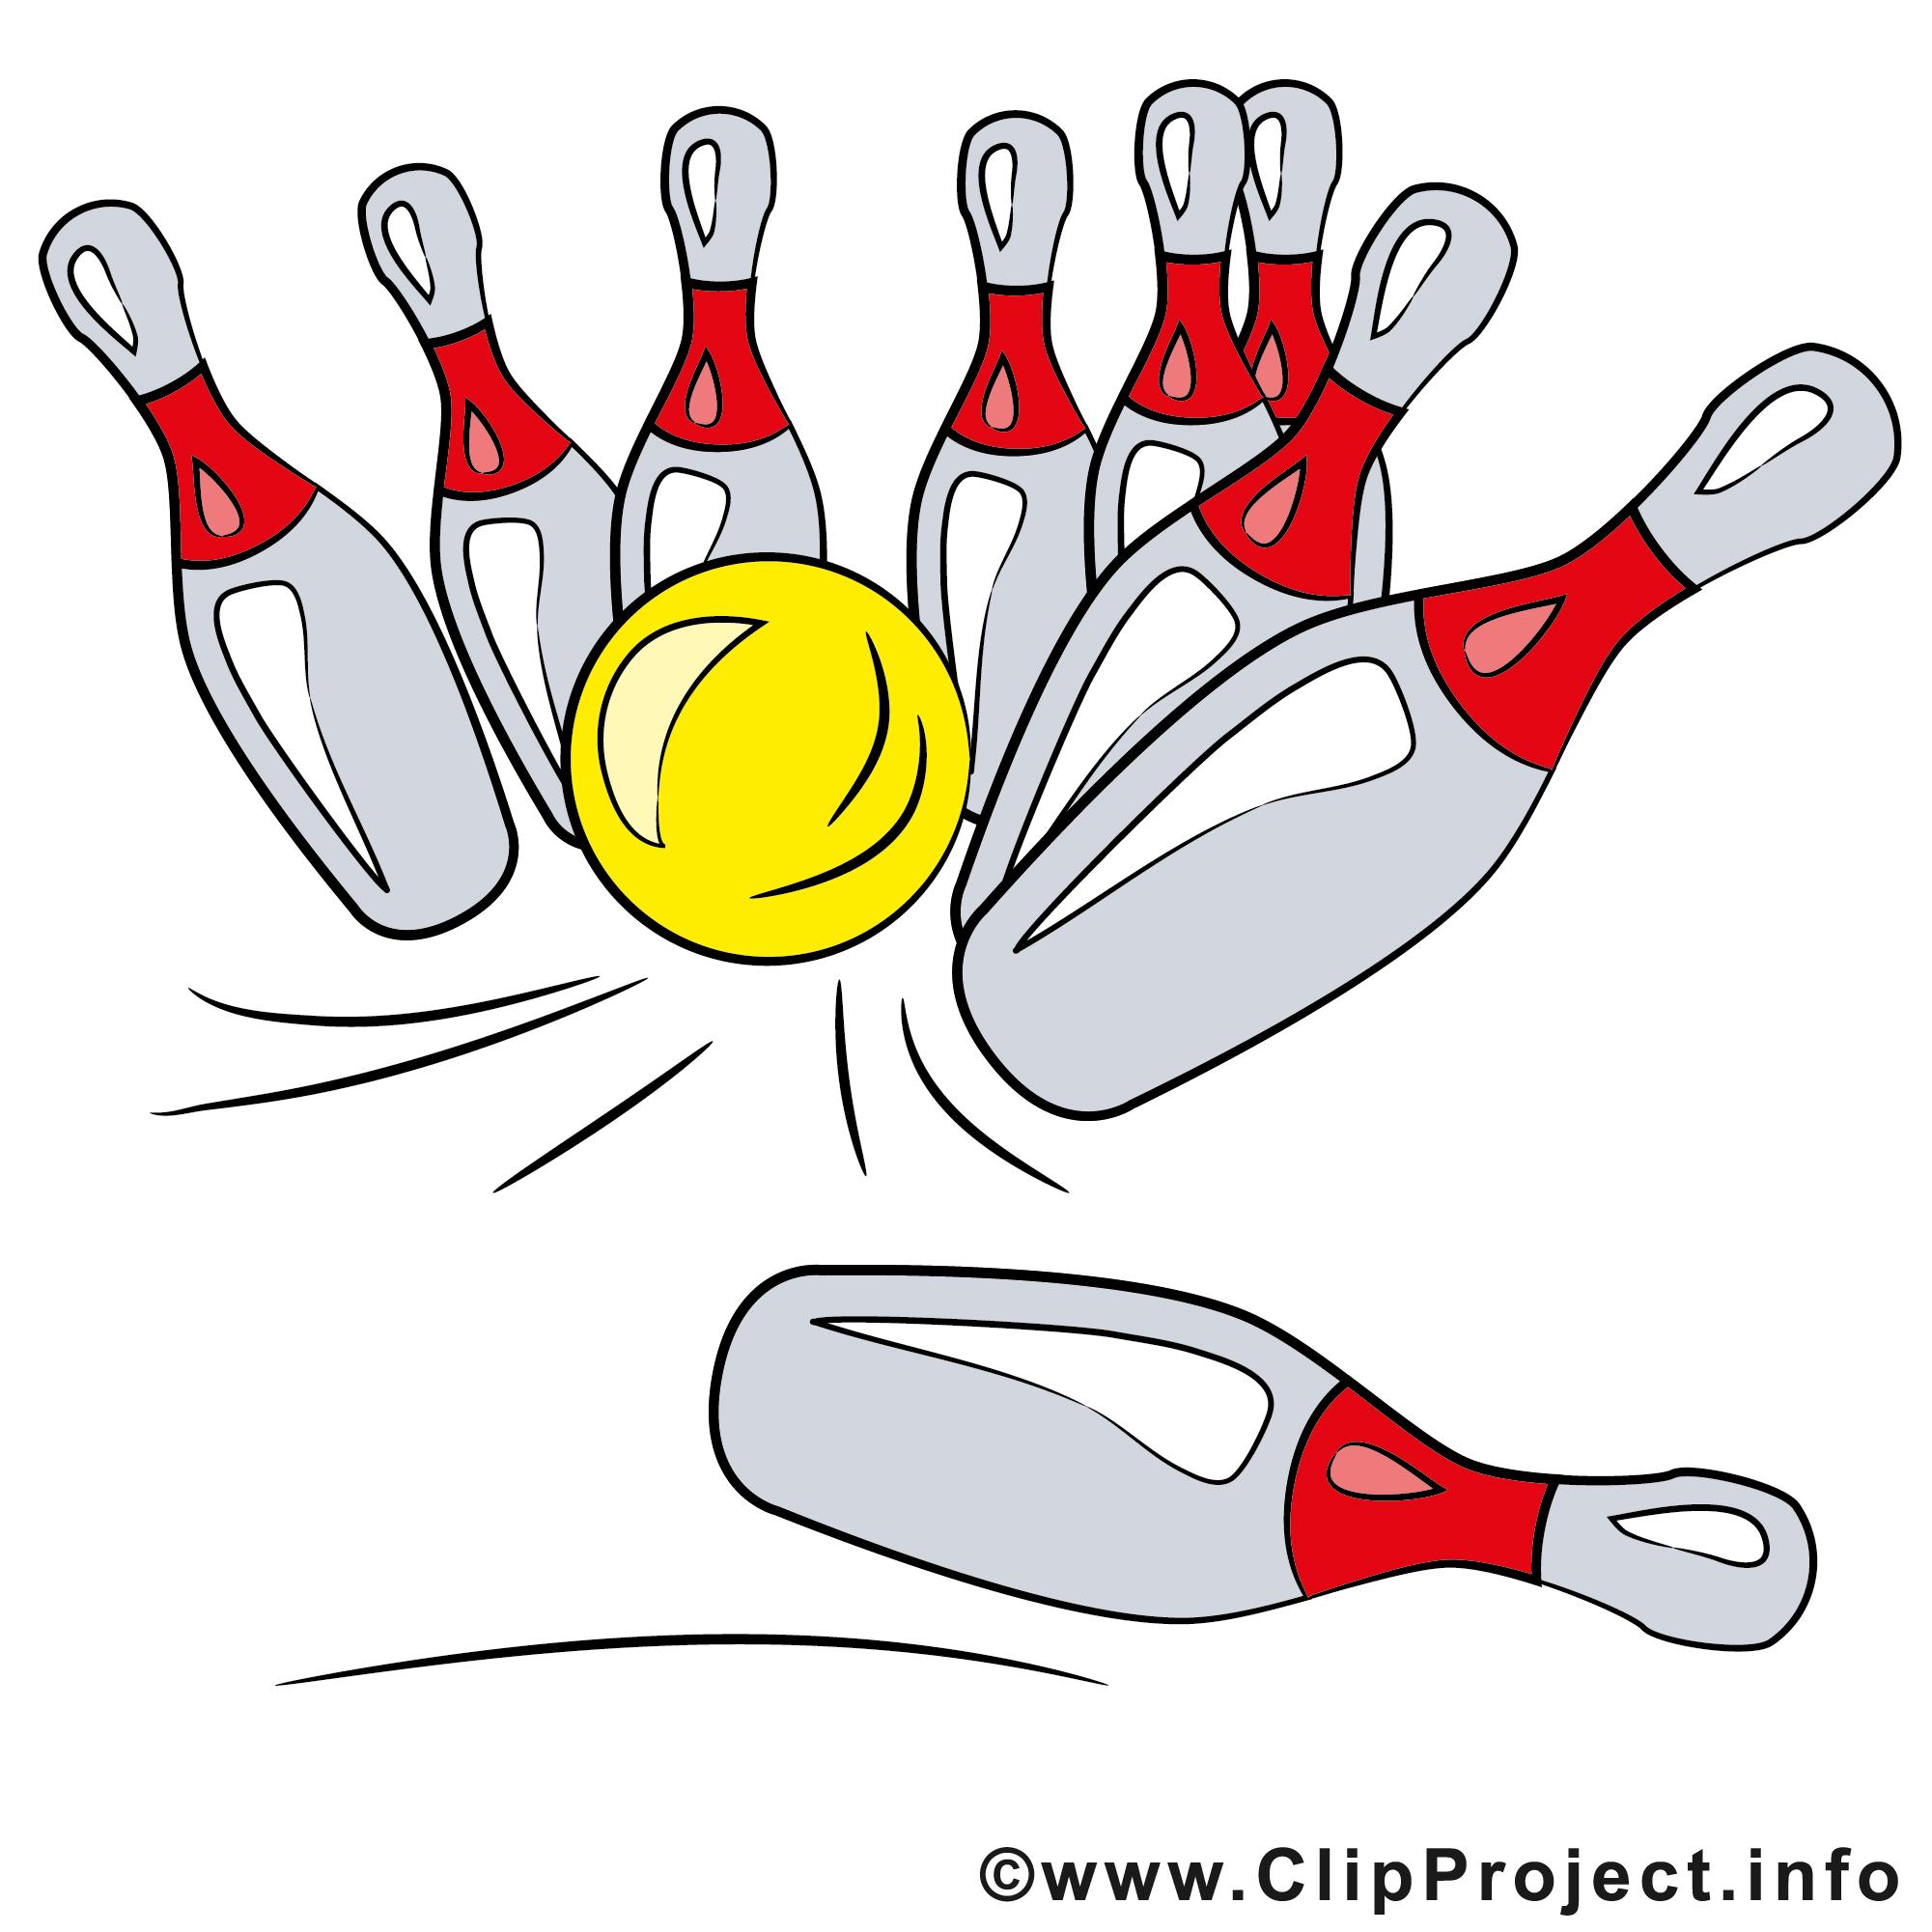 Quille dessin gratuit bowling image gratuite divers dessin picture image graphic clip - Bowling dessin ...